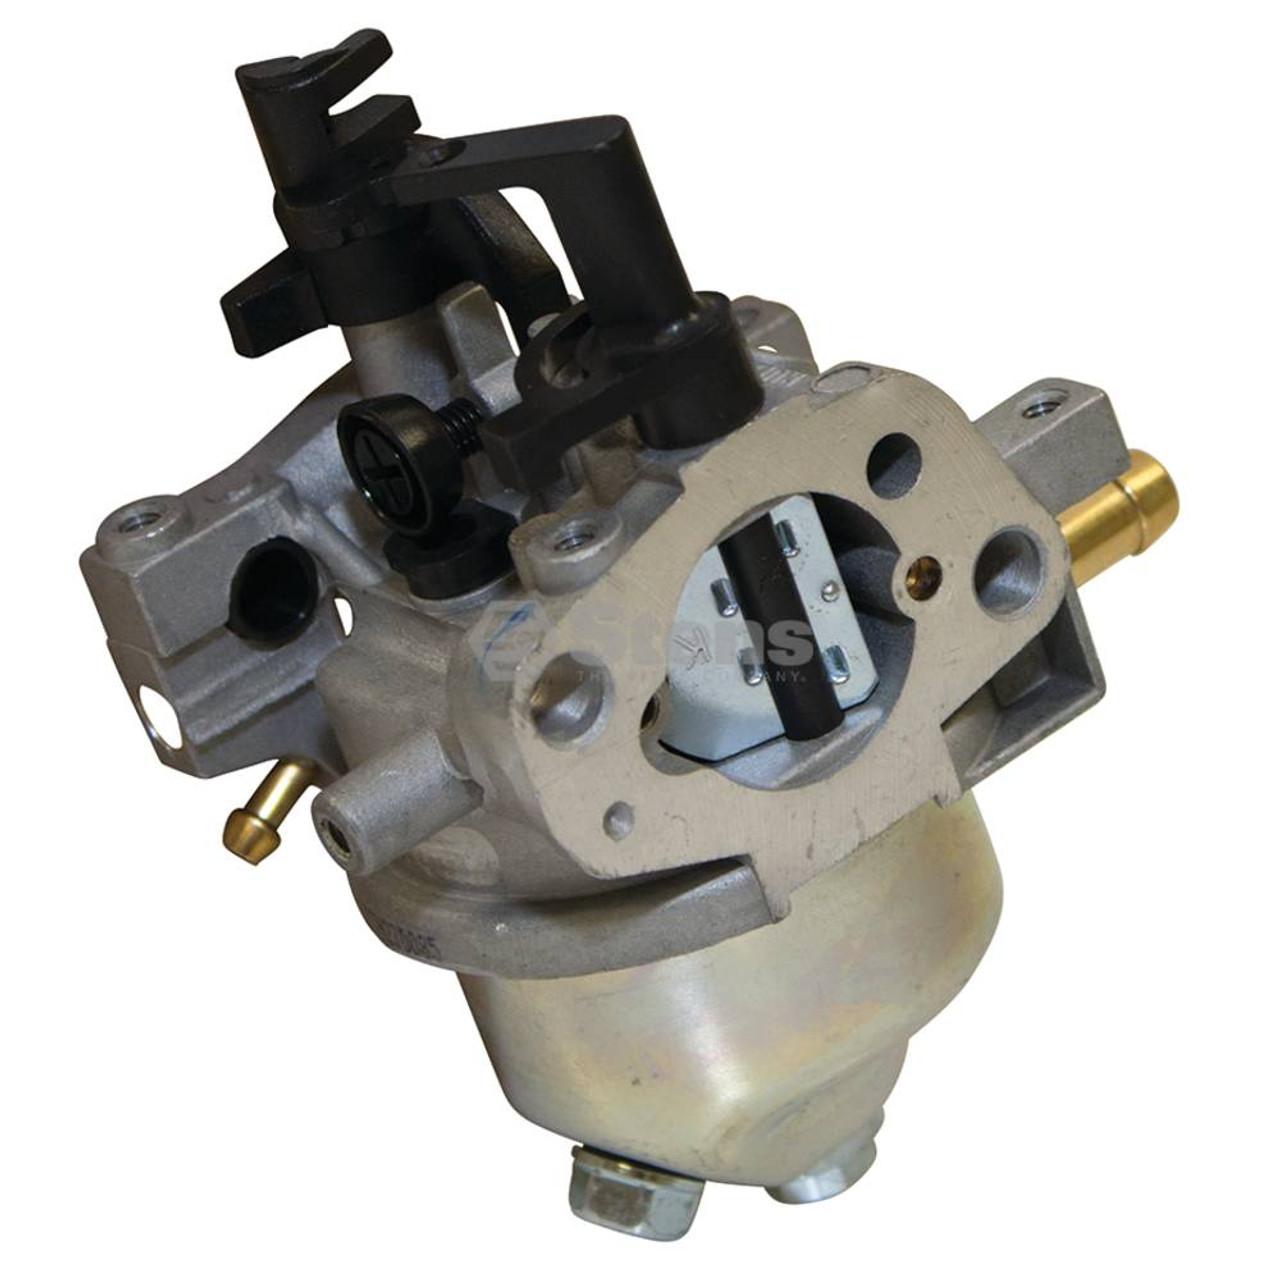 Carburetor for Kohler XT173, XT800, Courage XT, 1485345S, 1485357S, 14 853 45-S, 14 853 57-S